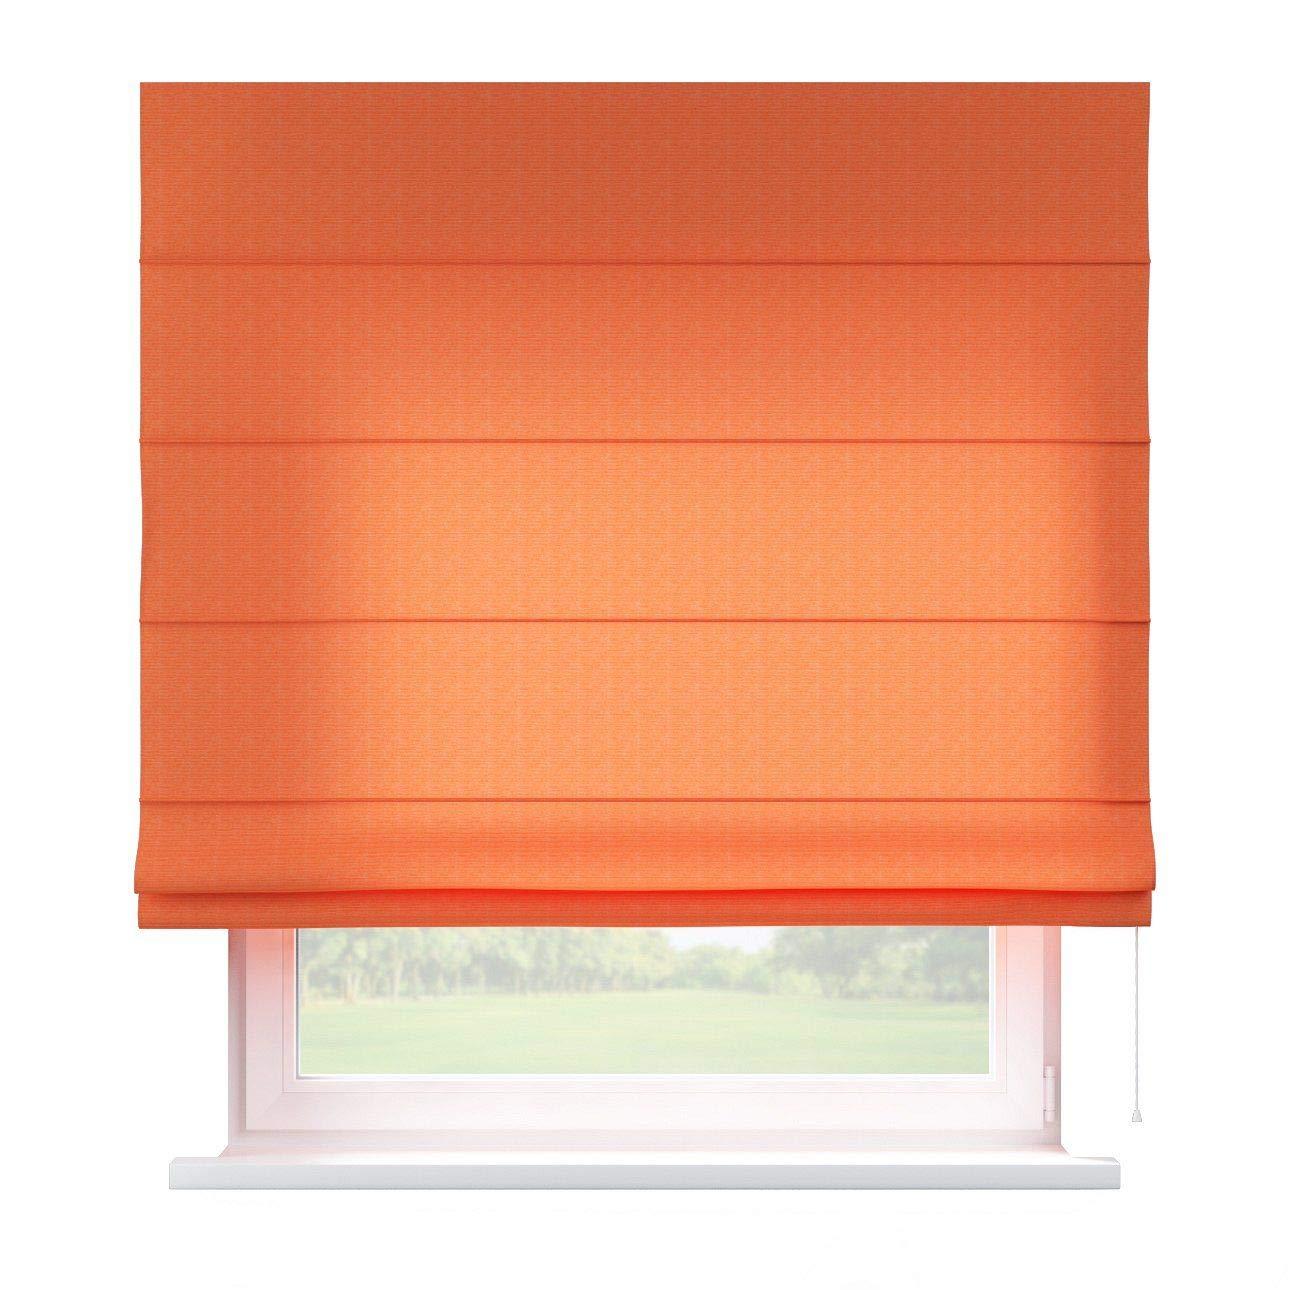 Dekoria Raffrollo Capri ohne Bohren Blickdicht Faltvorhang Raffgardine Wohnzimmer Schlafzimmer Kinderzimmer 130 × 170 cm orange Raffrollos auf Maß maßanfertigung möglich